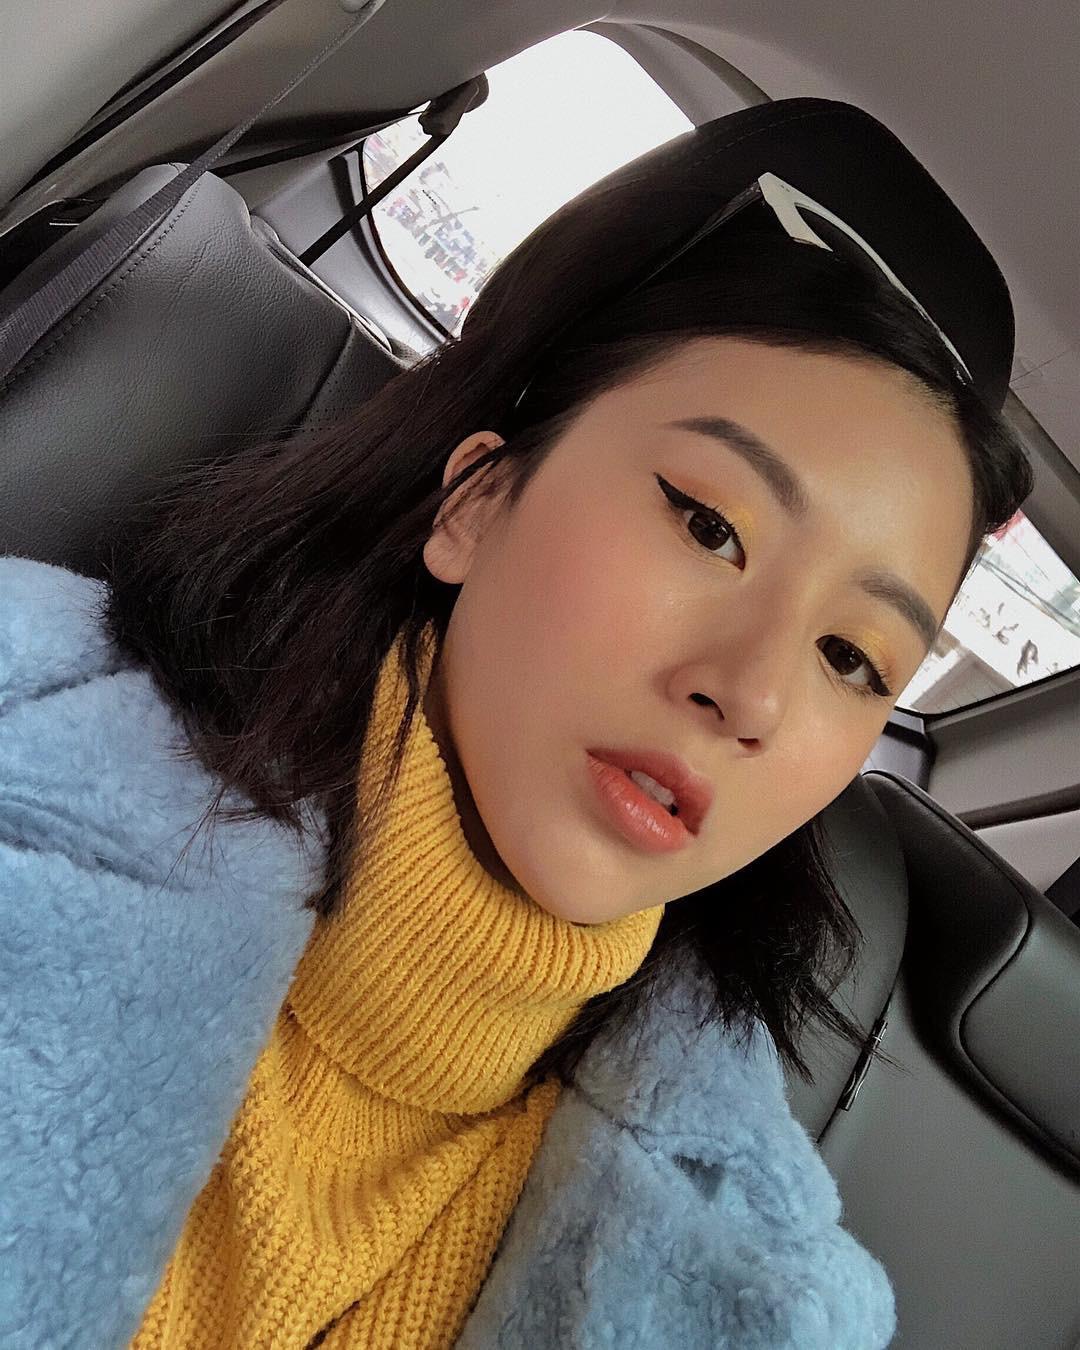 Vàng mù tạt - gam màu hot nhất trong những bức hình OOTD của giới trẻ châu Á đợt này - Ảnh 6.